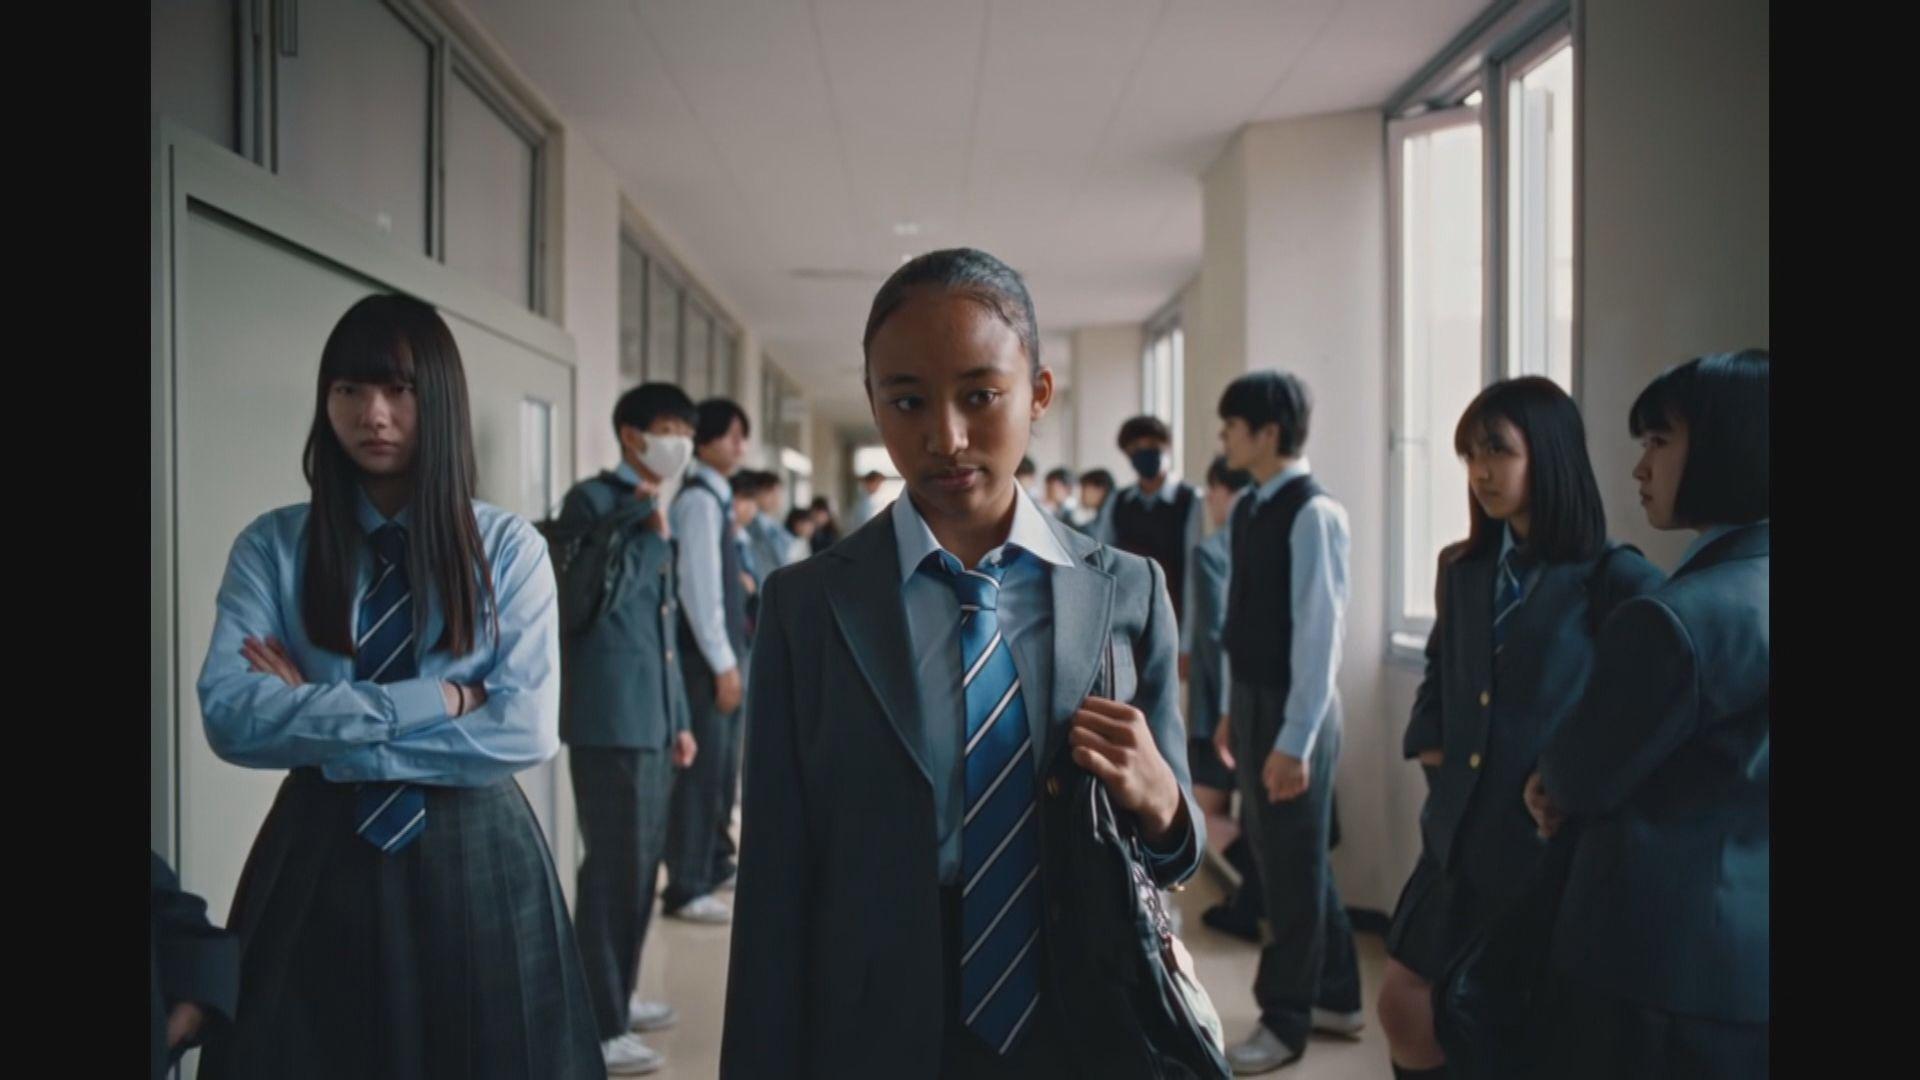 【環球薈報】NIKE廣告被指影射日本人種族歧視惹爭議